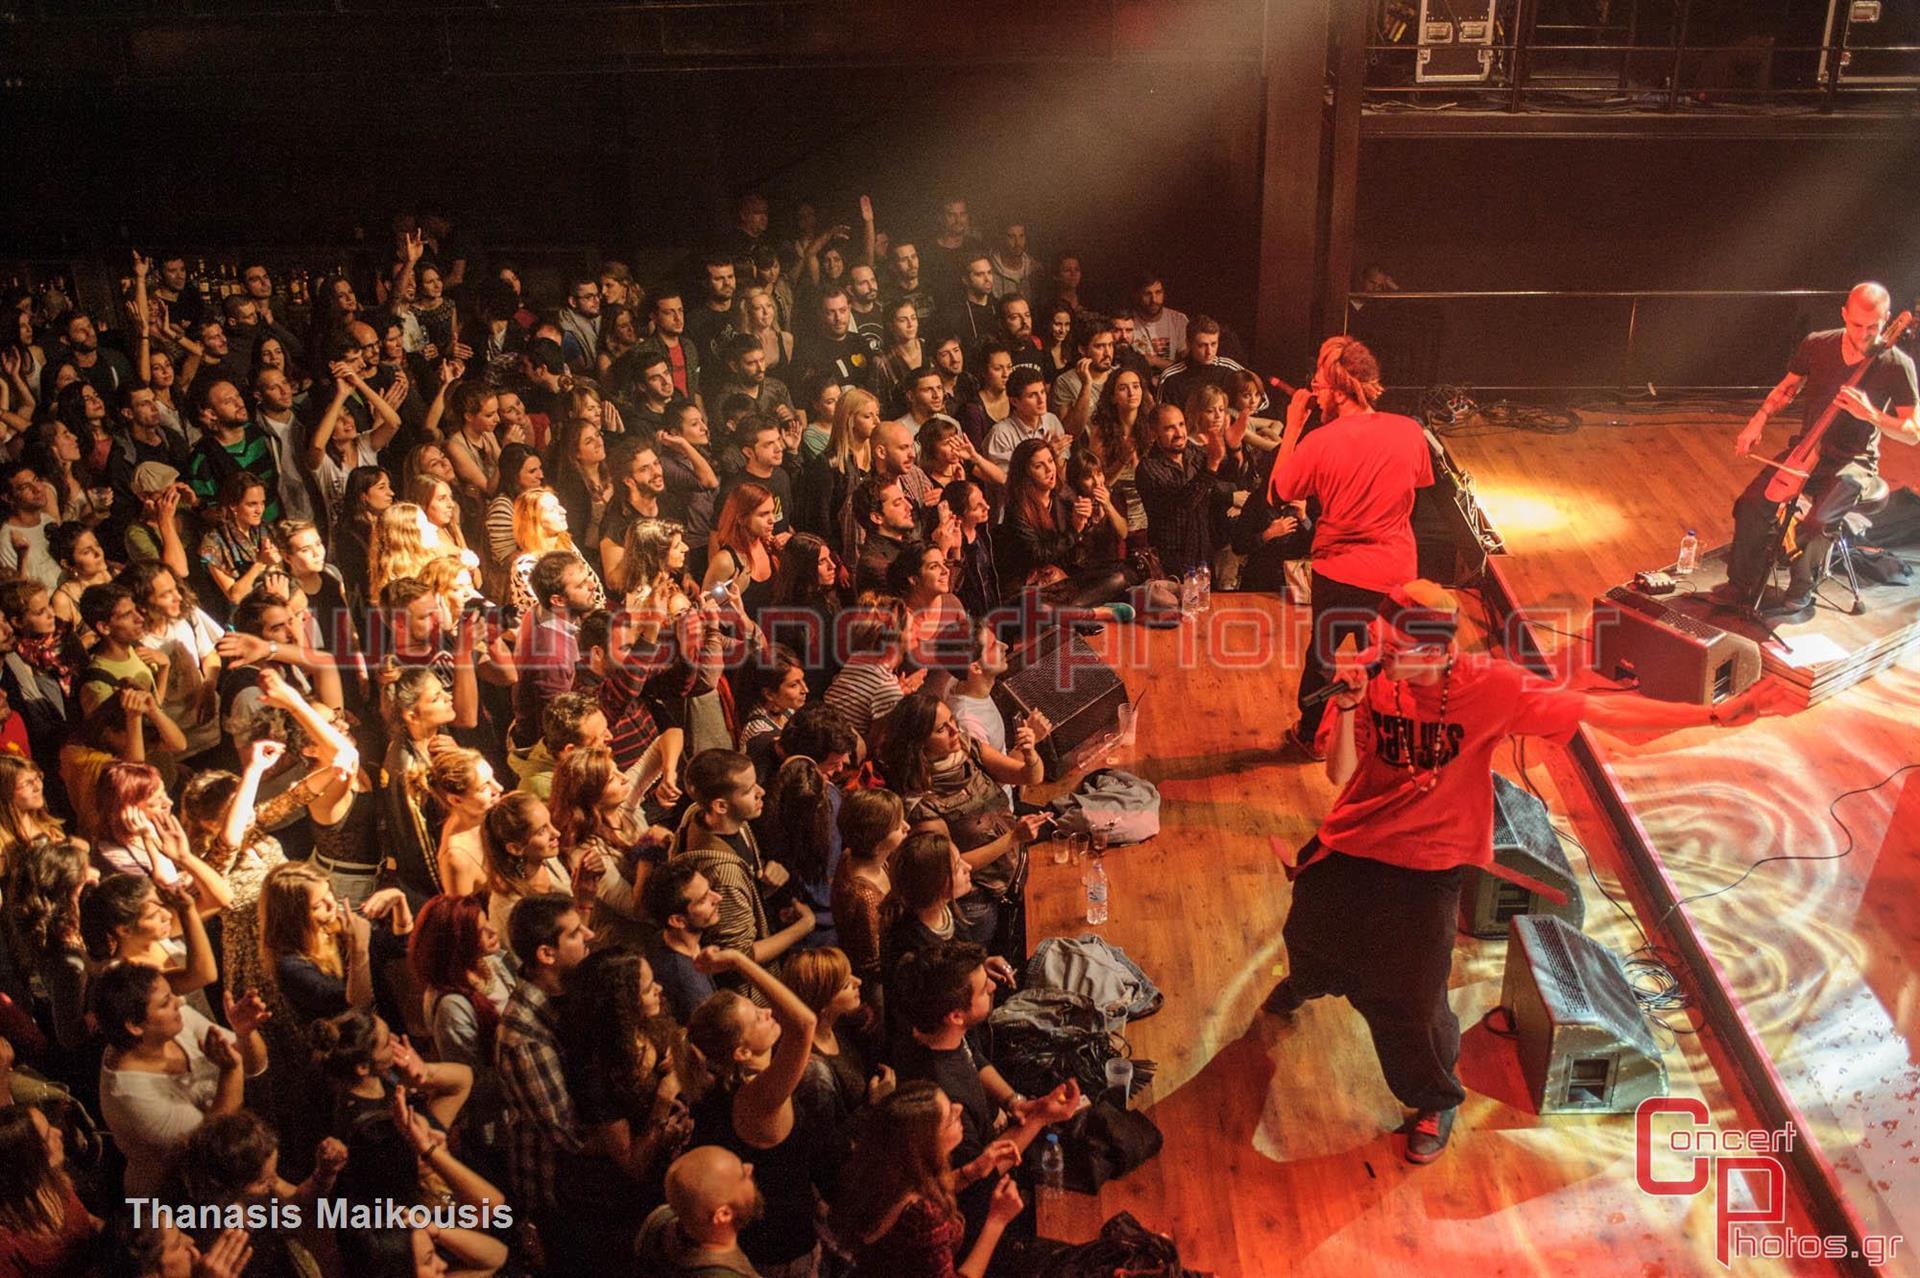 Wax Tailor - photographer: Thanasis Maikousis - ConcertPhotos-8267